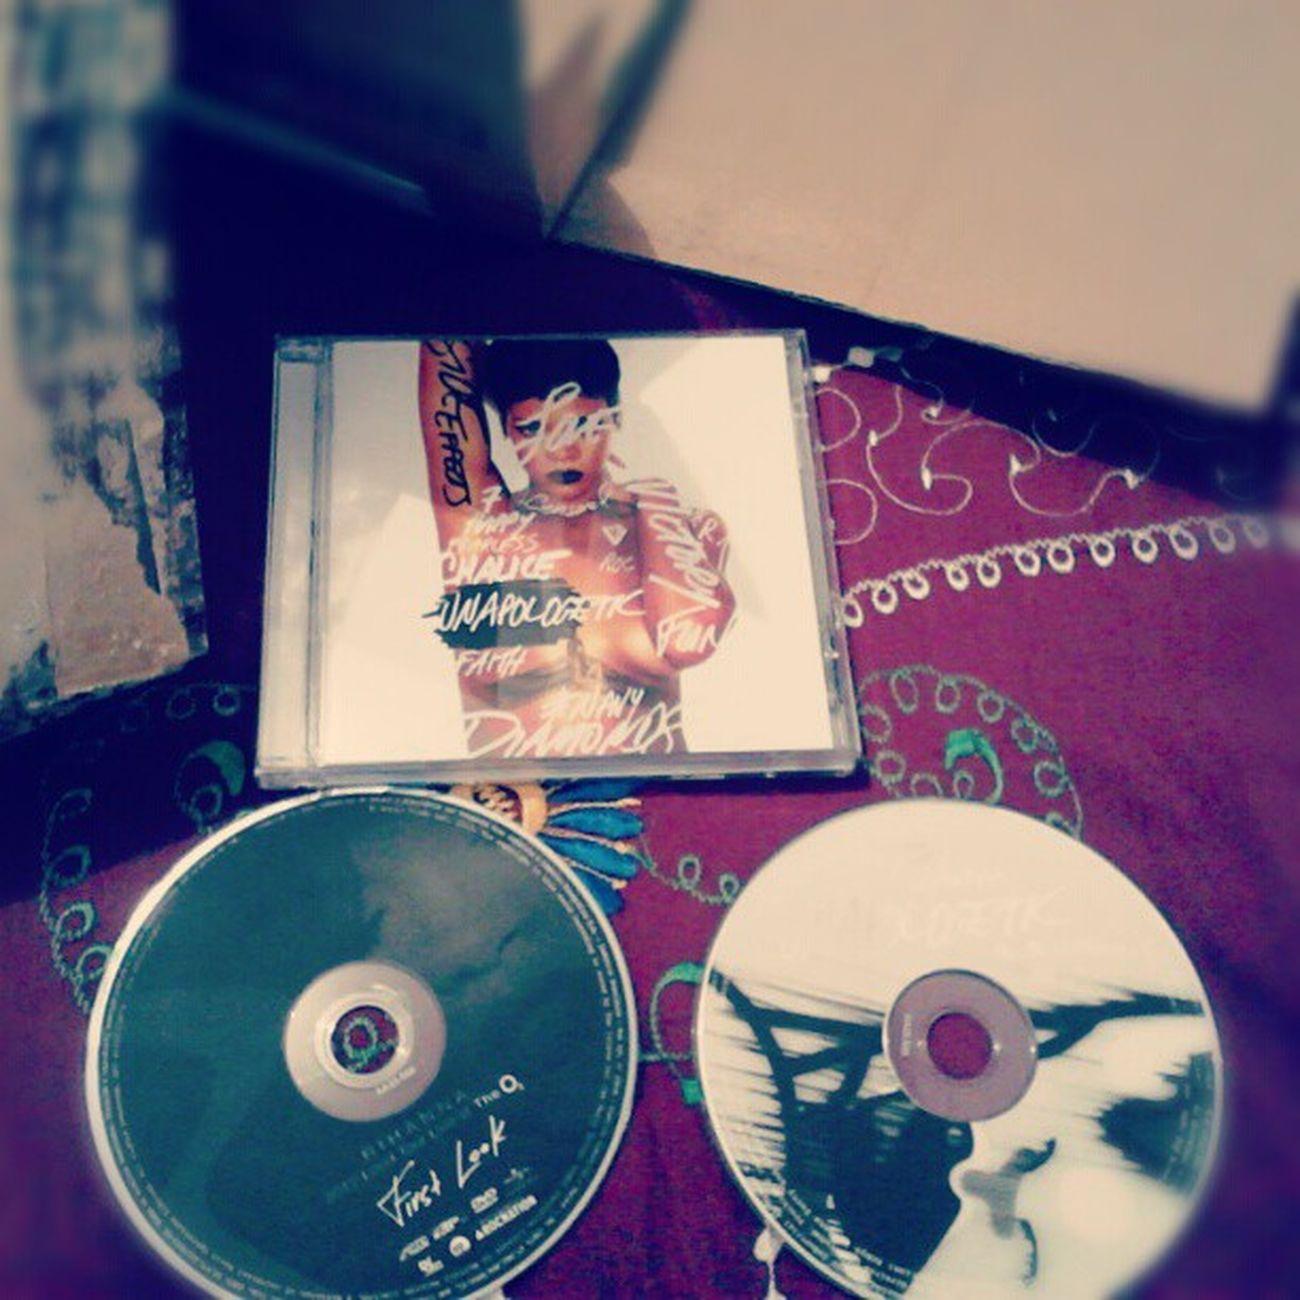 AAAAAAA SOCORRR *----*-*-***--**-*-* CHEGOOOOOU ATRASADO, MAS CHEGOU <3333 Unapologetic  Loudtour Rihanna Love cd&dvd natal tchu